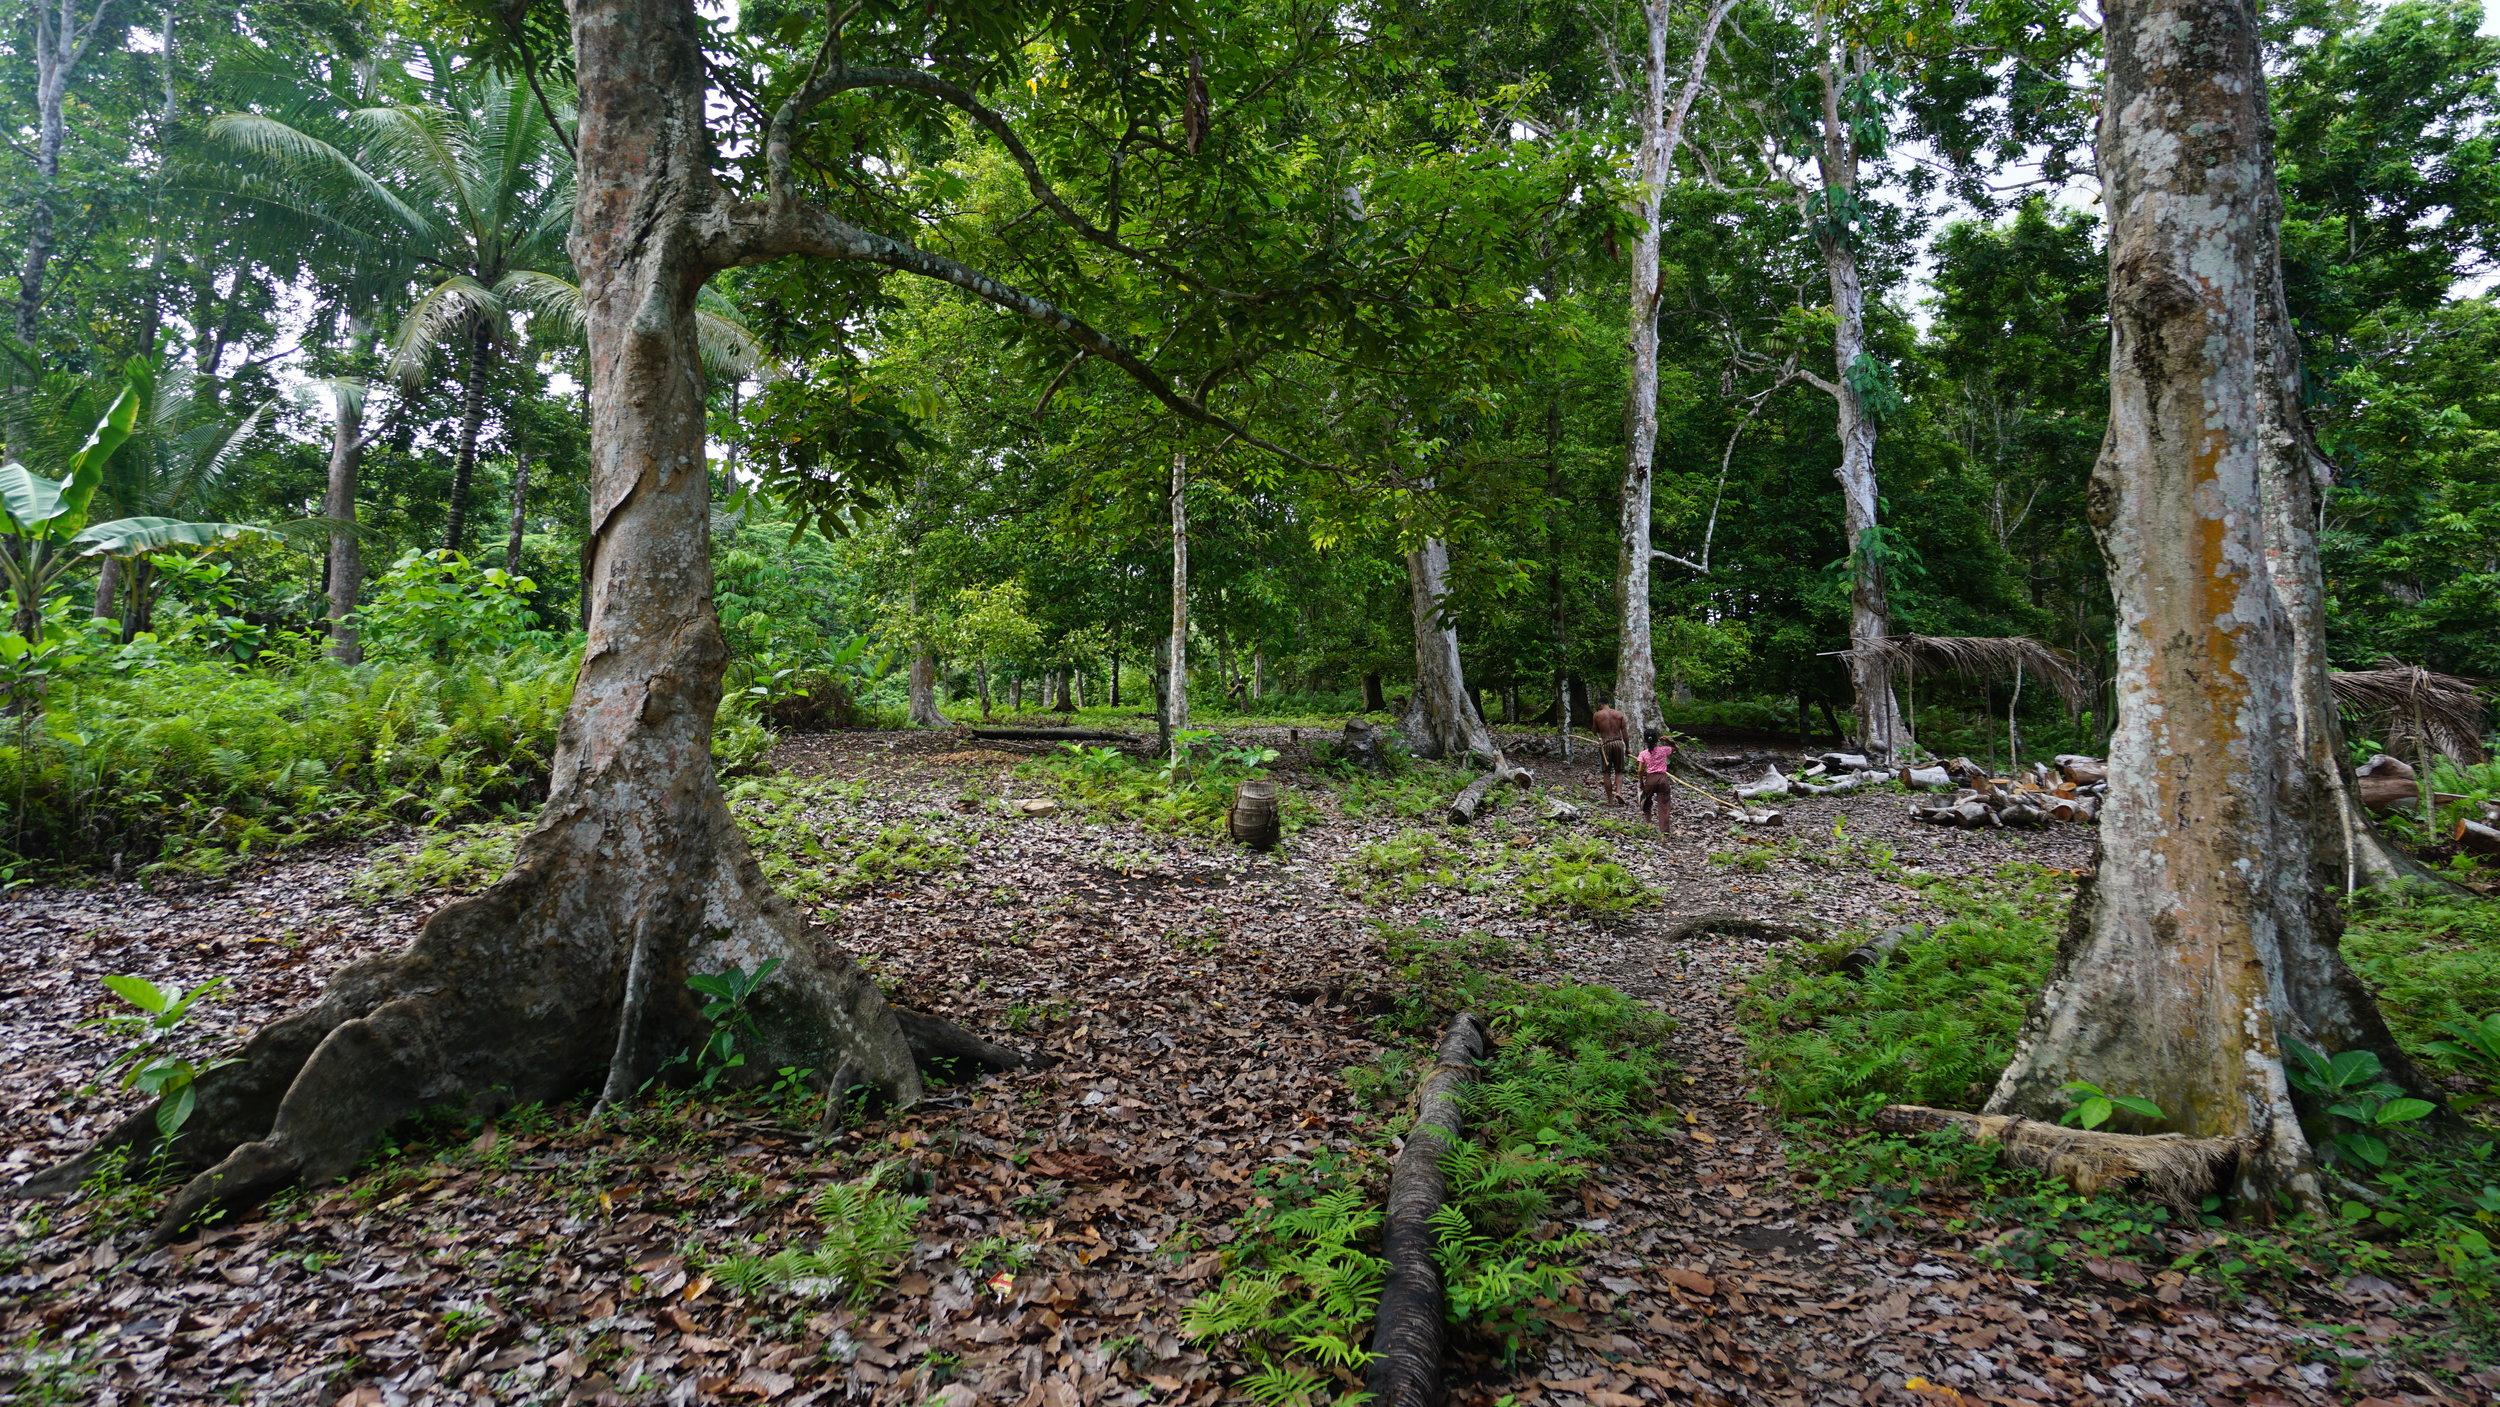 Wild Kenari Trees Grown on Fertile Volcanic Soil